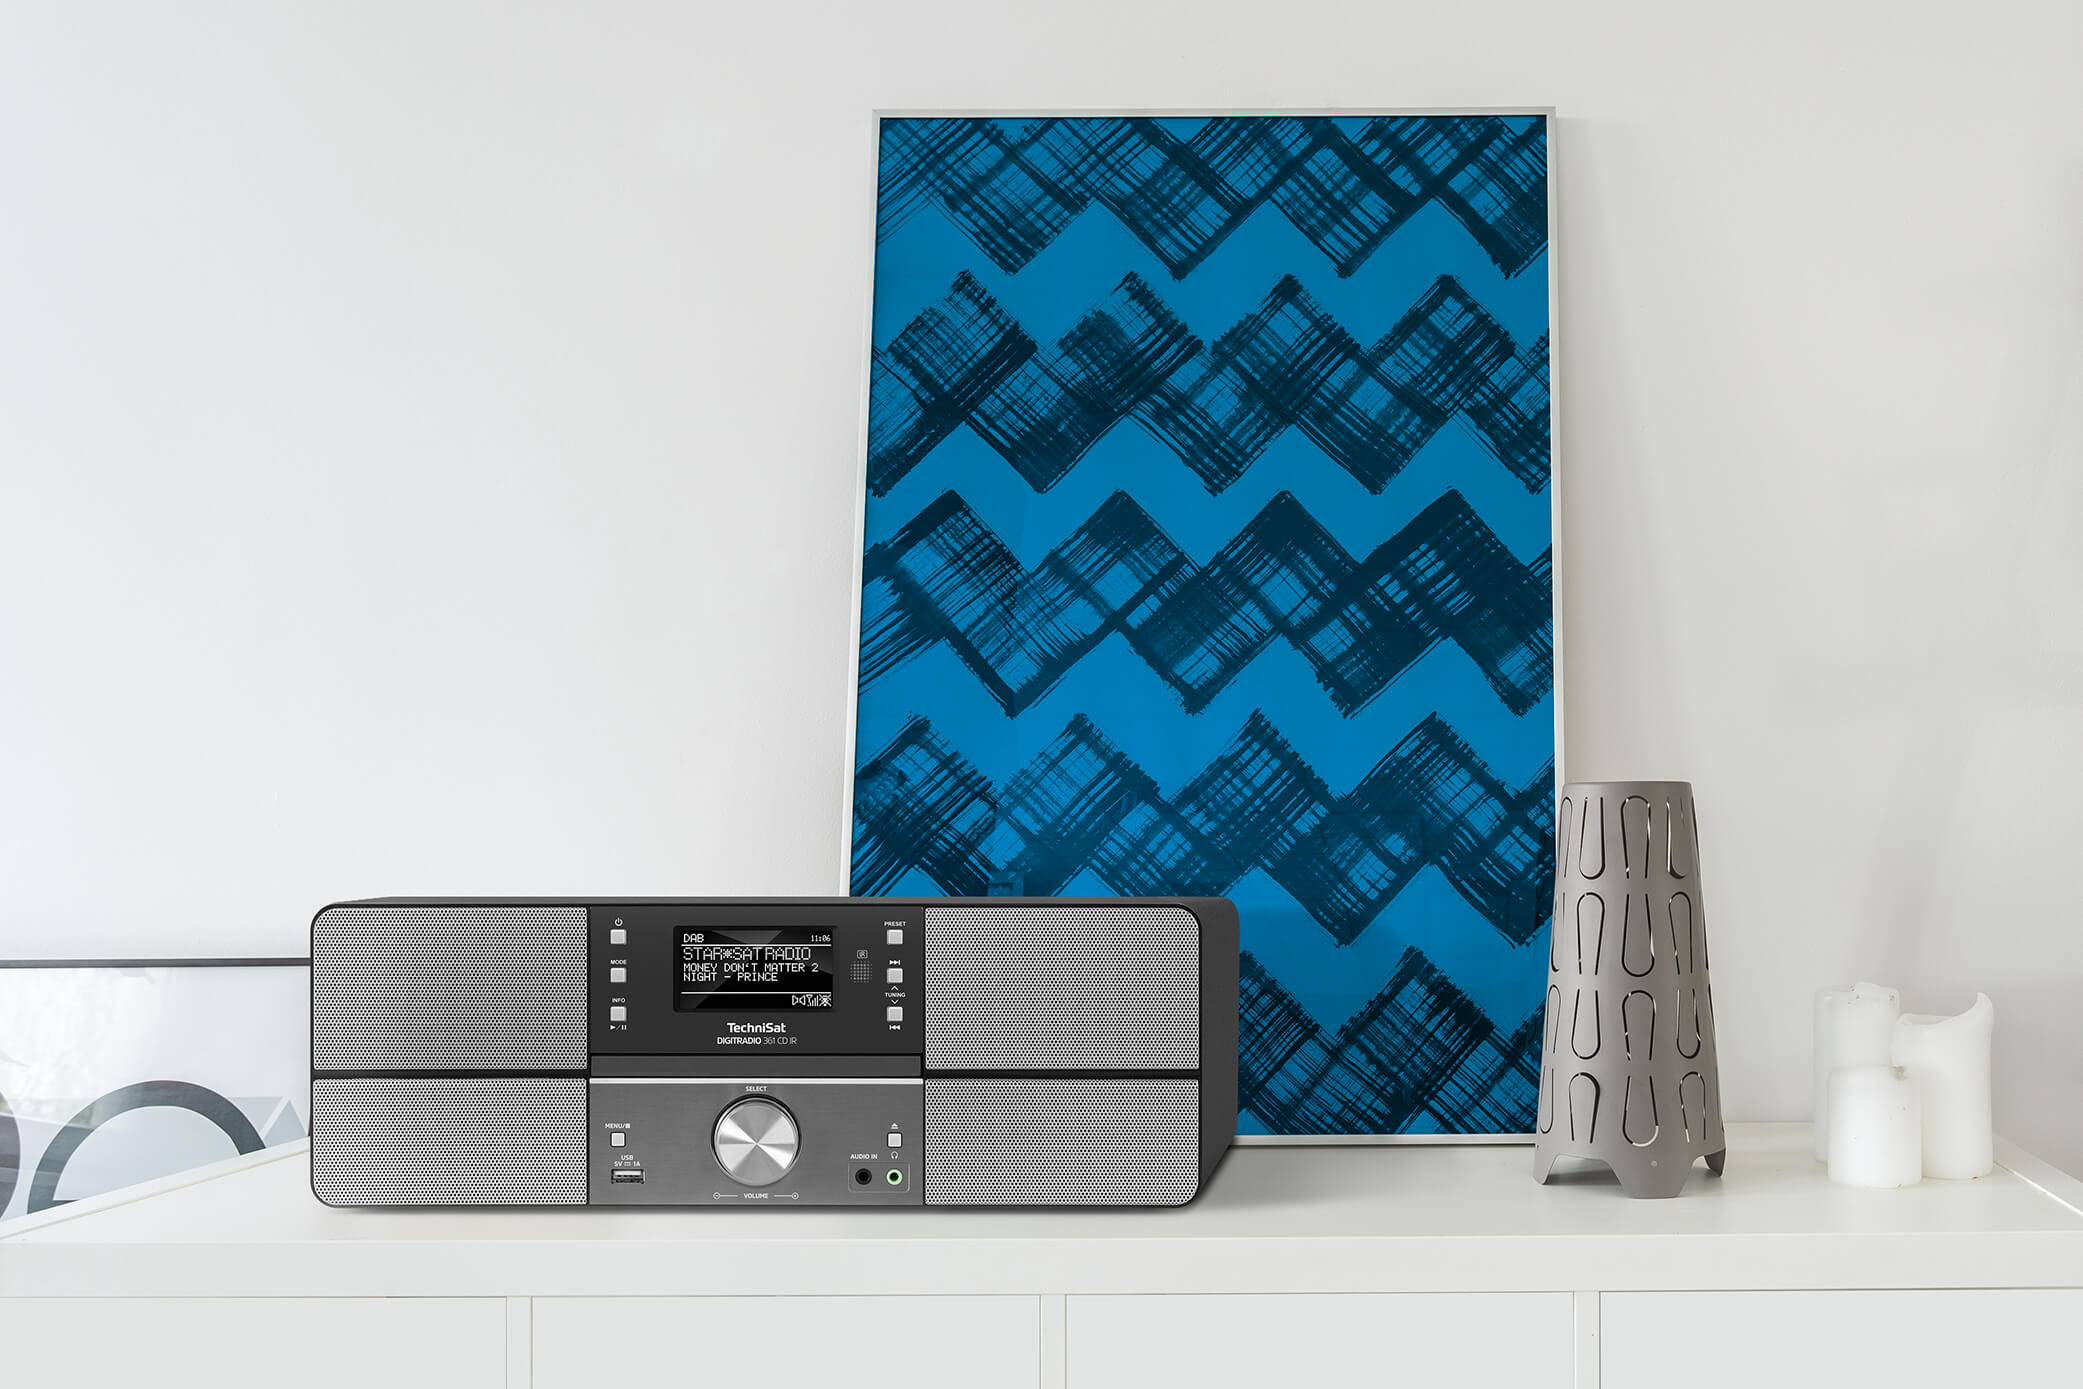 DIGITRADIO 361 CD IR – Inbetriebnahme und Features